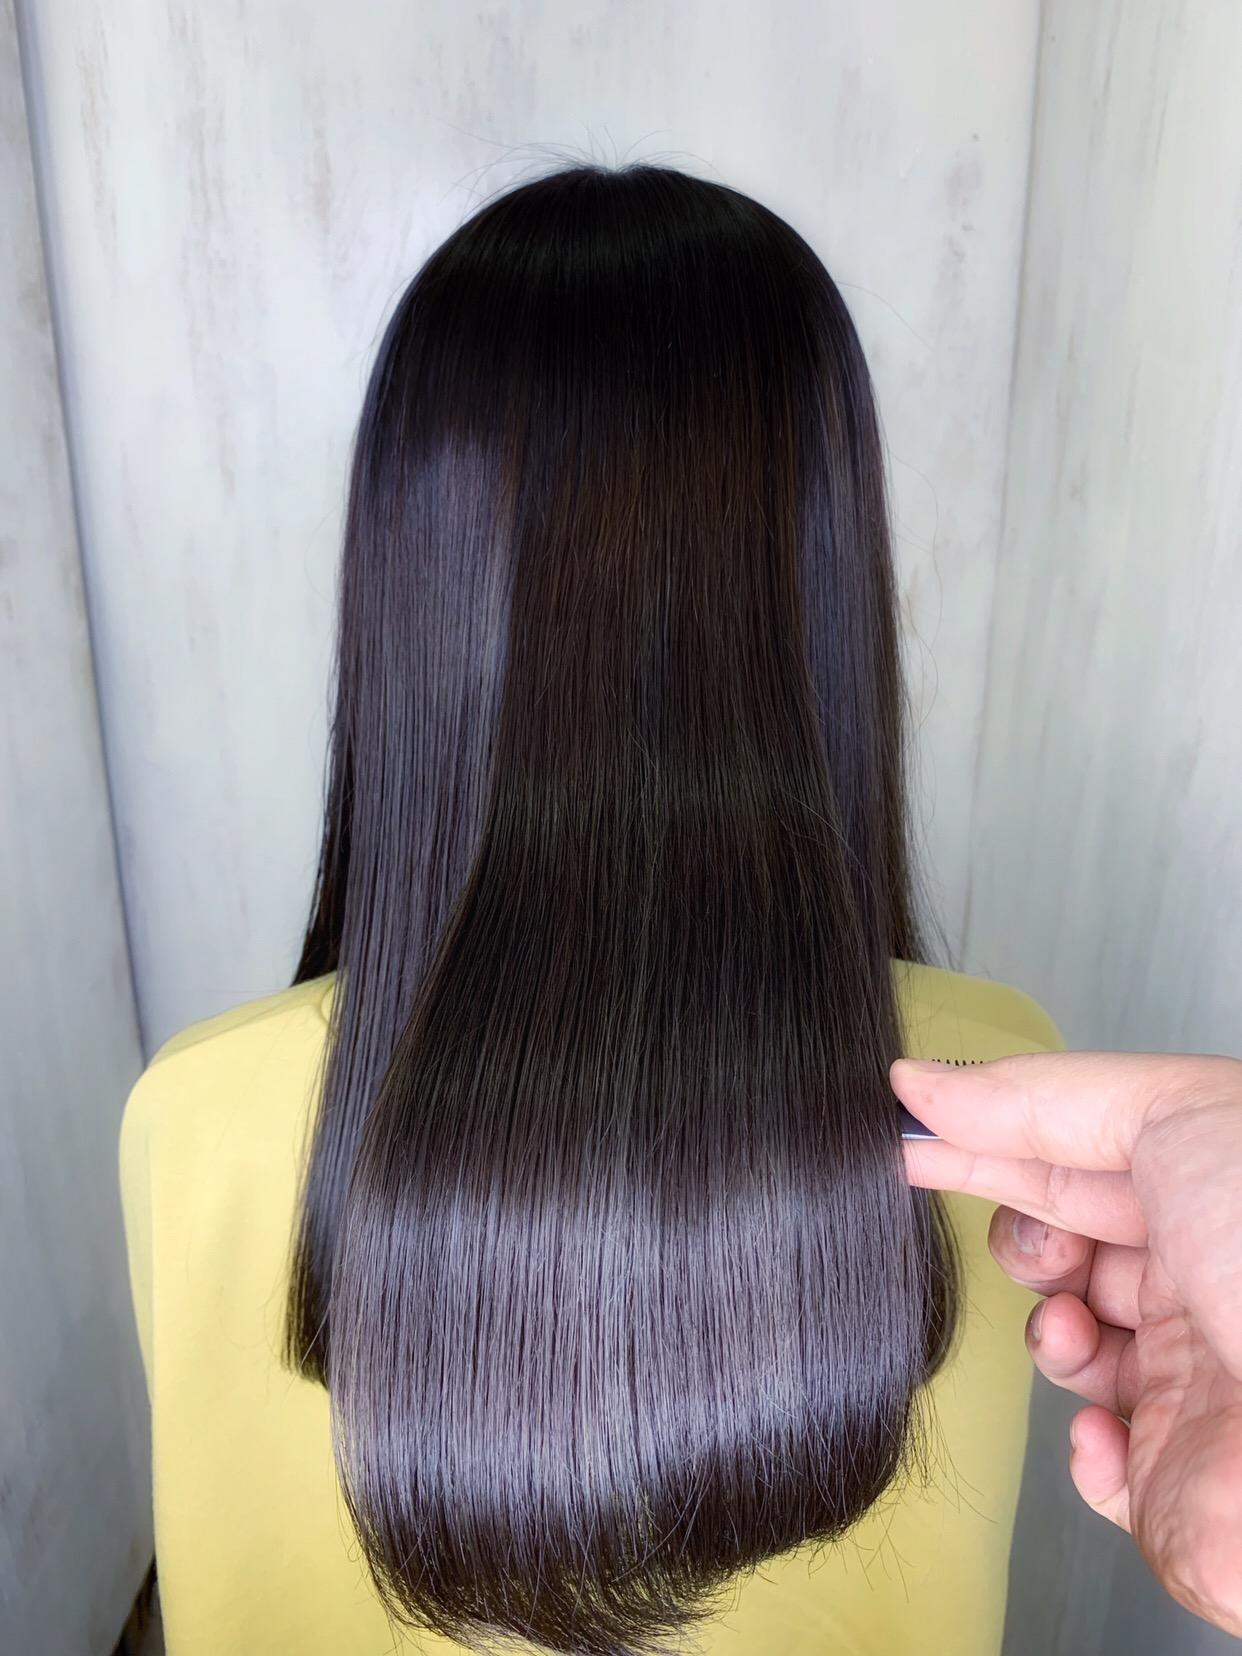 ジュエリーシステム×オレオルカラーでつやっつやの艶髪。原宿・表参道『1000人をツヤ髪にヘアケア美容師の挑戦』